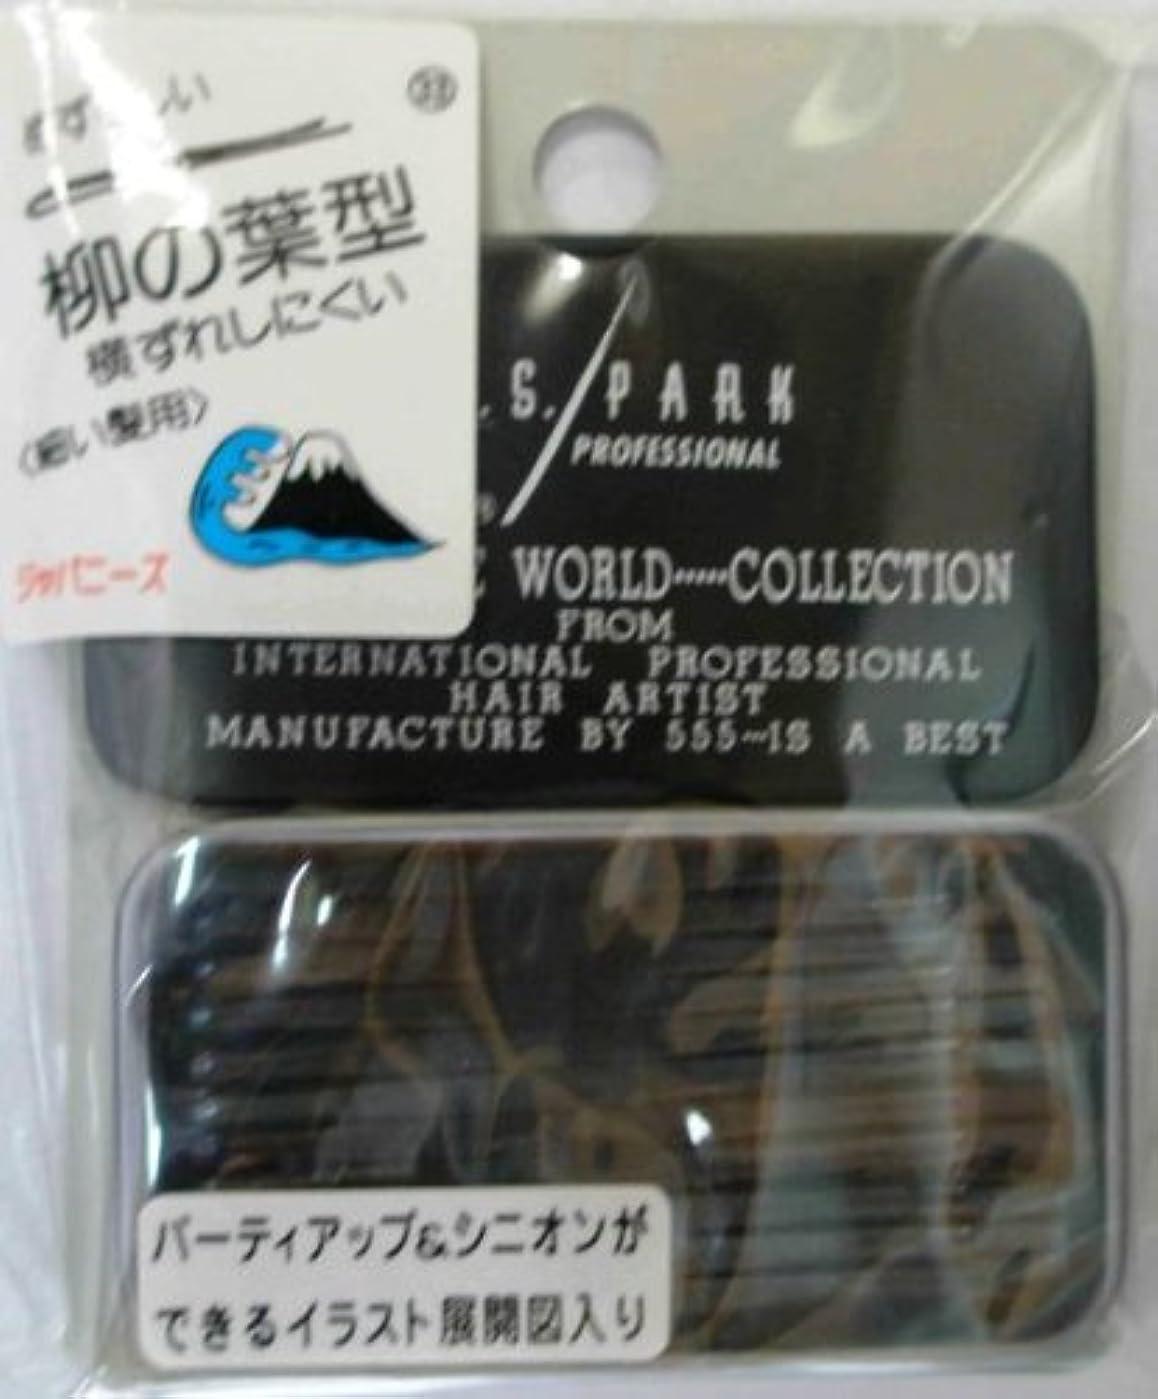 意図する排他的少年Y.S.PARK世界のヘアピンコレクションNo.33(細い髪用)ジャパニーズ32P